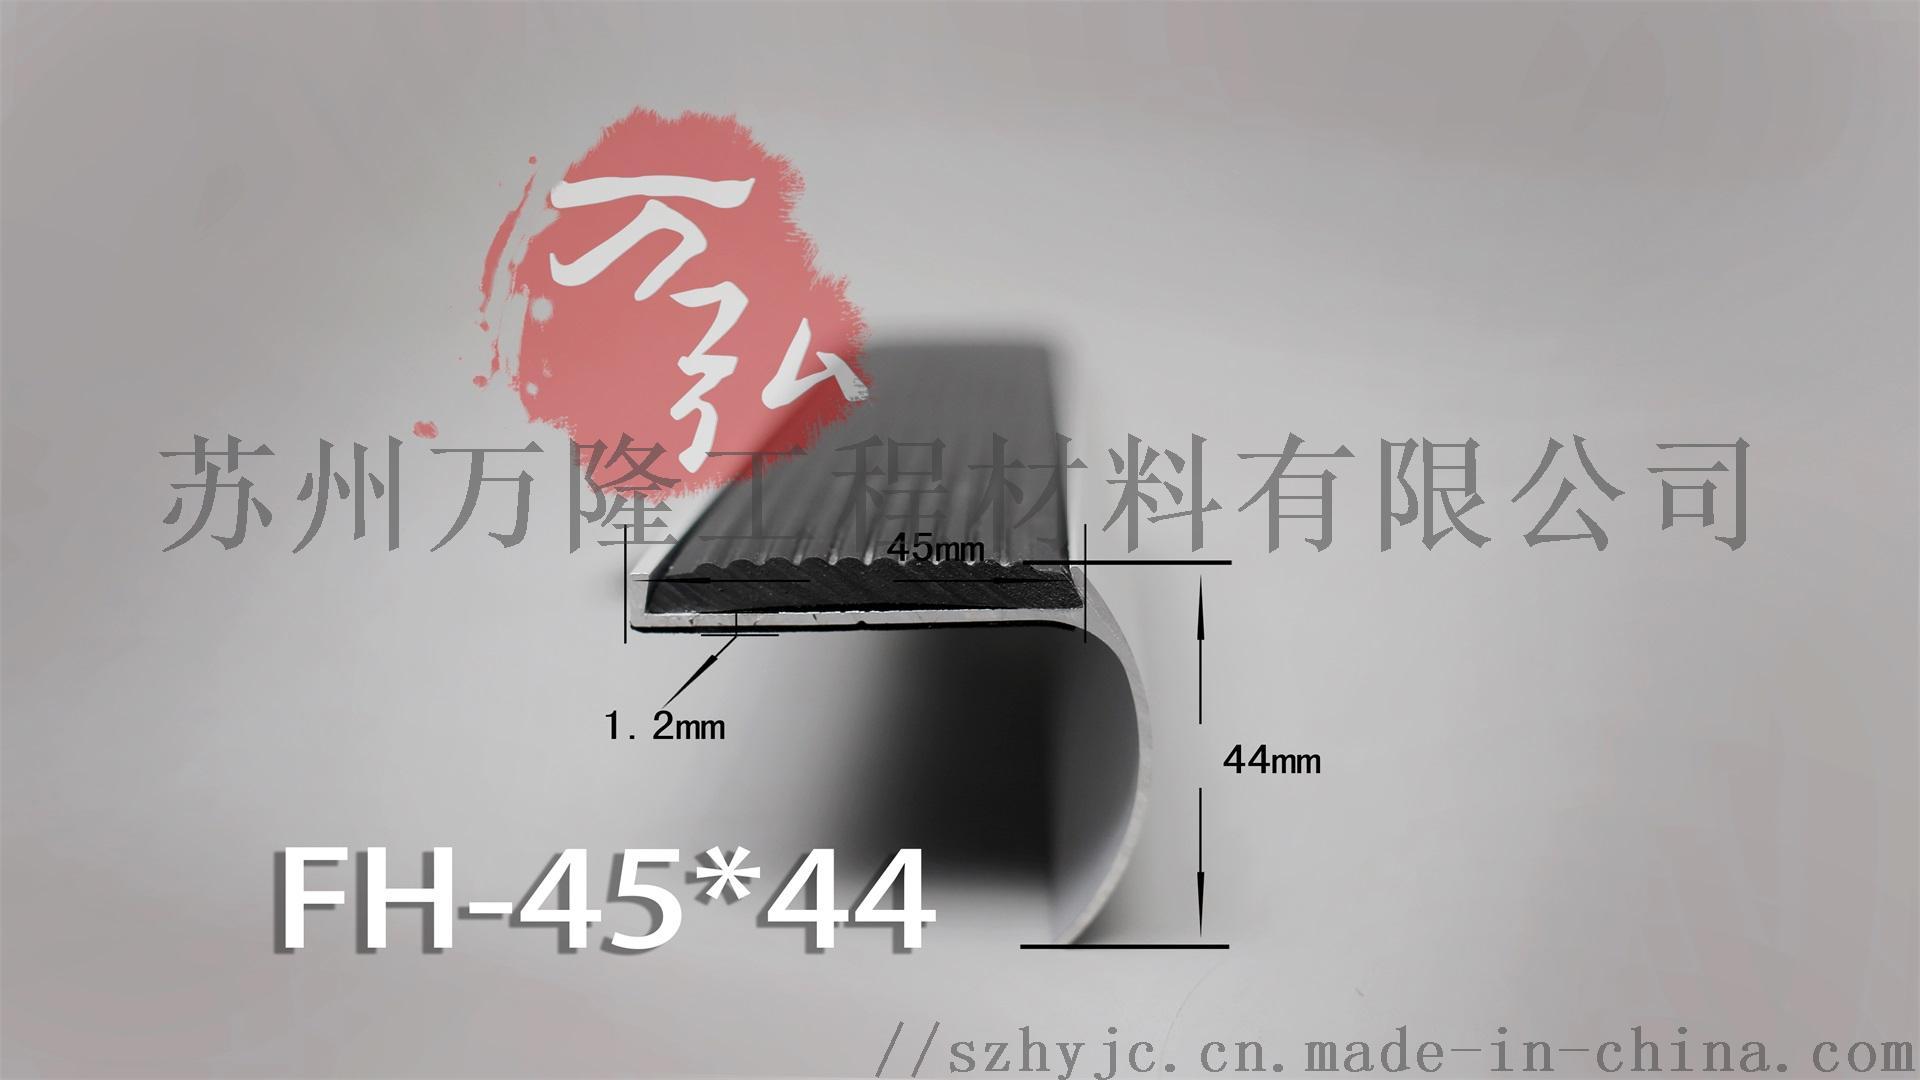 楼梯防滑条种类,铝合金楼梯,踏步防滑条安装方法133909275